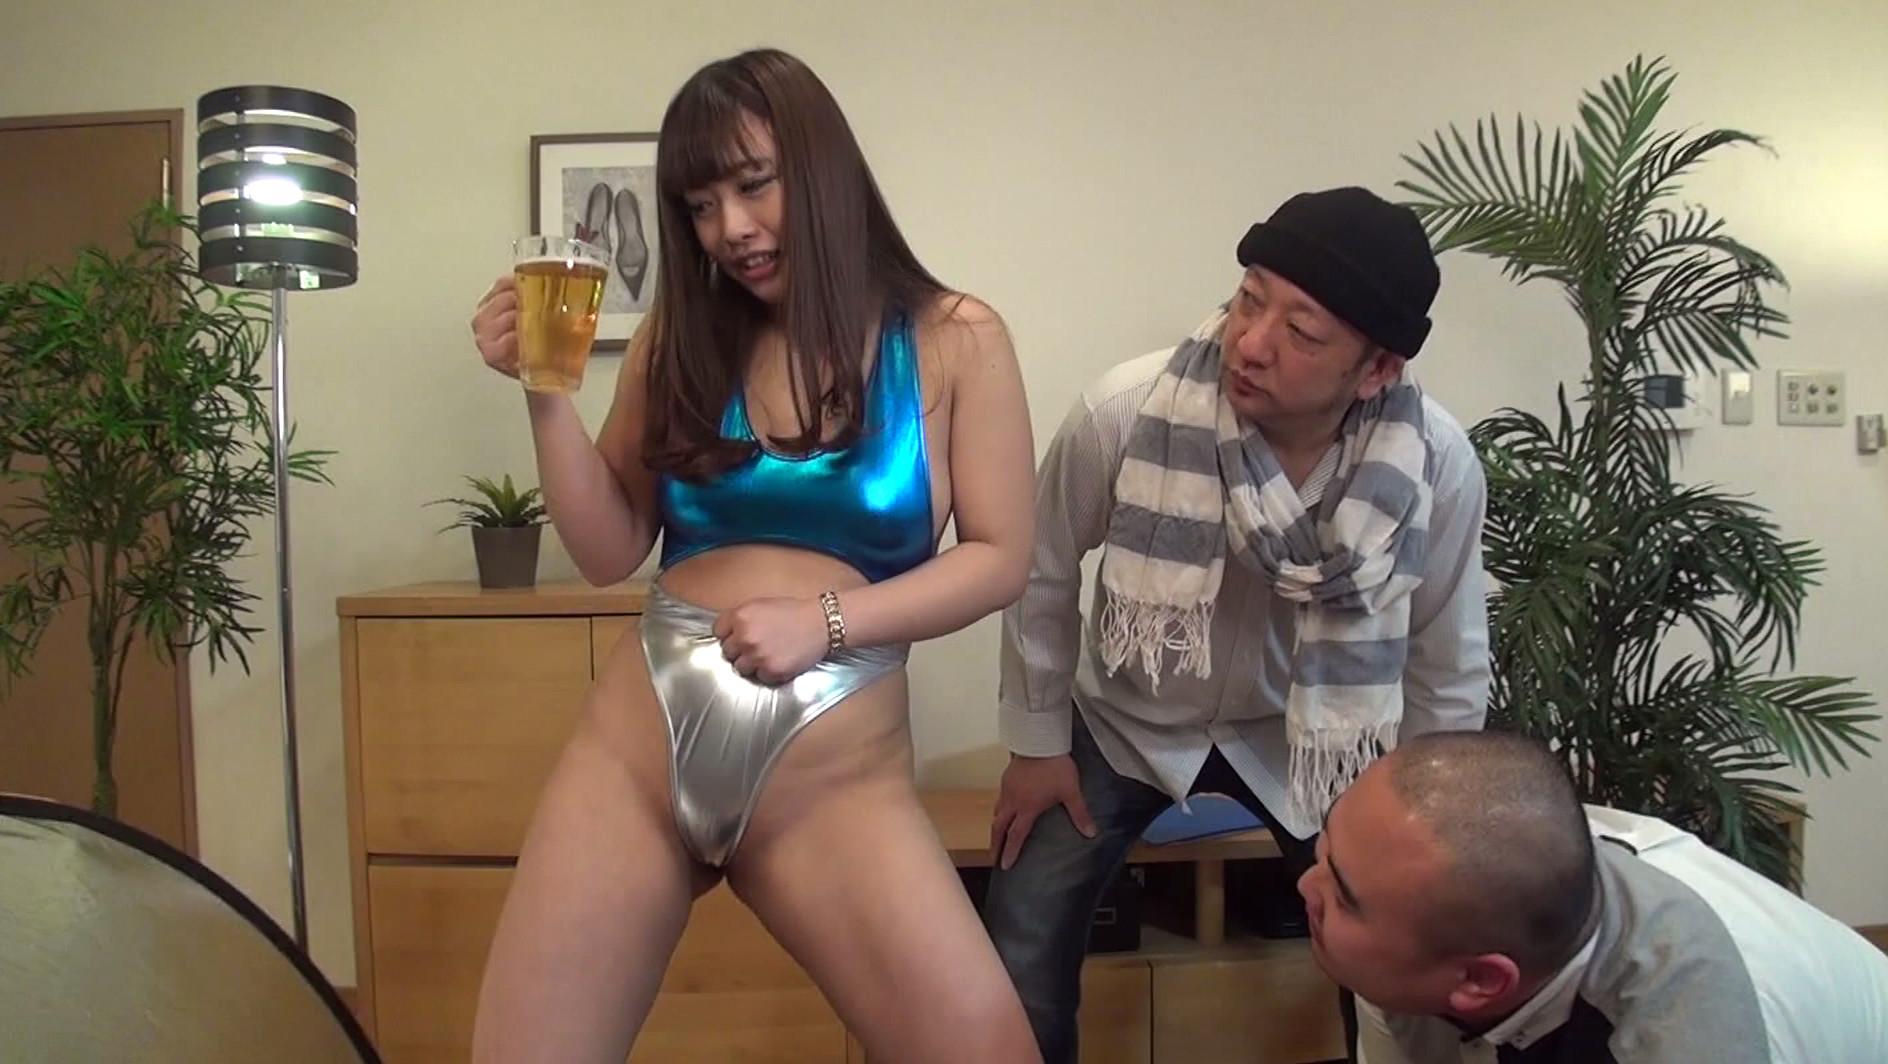 Gカップ巨乳尻グラビアモデル騙し撮り淫交 香乃まどか 画像7